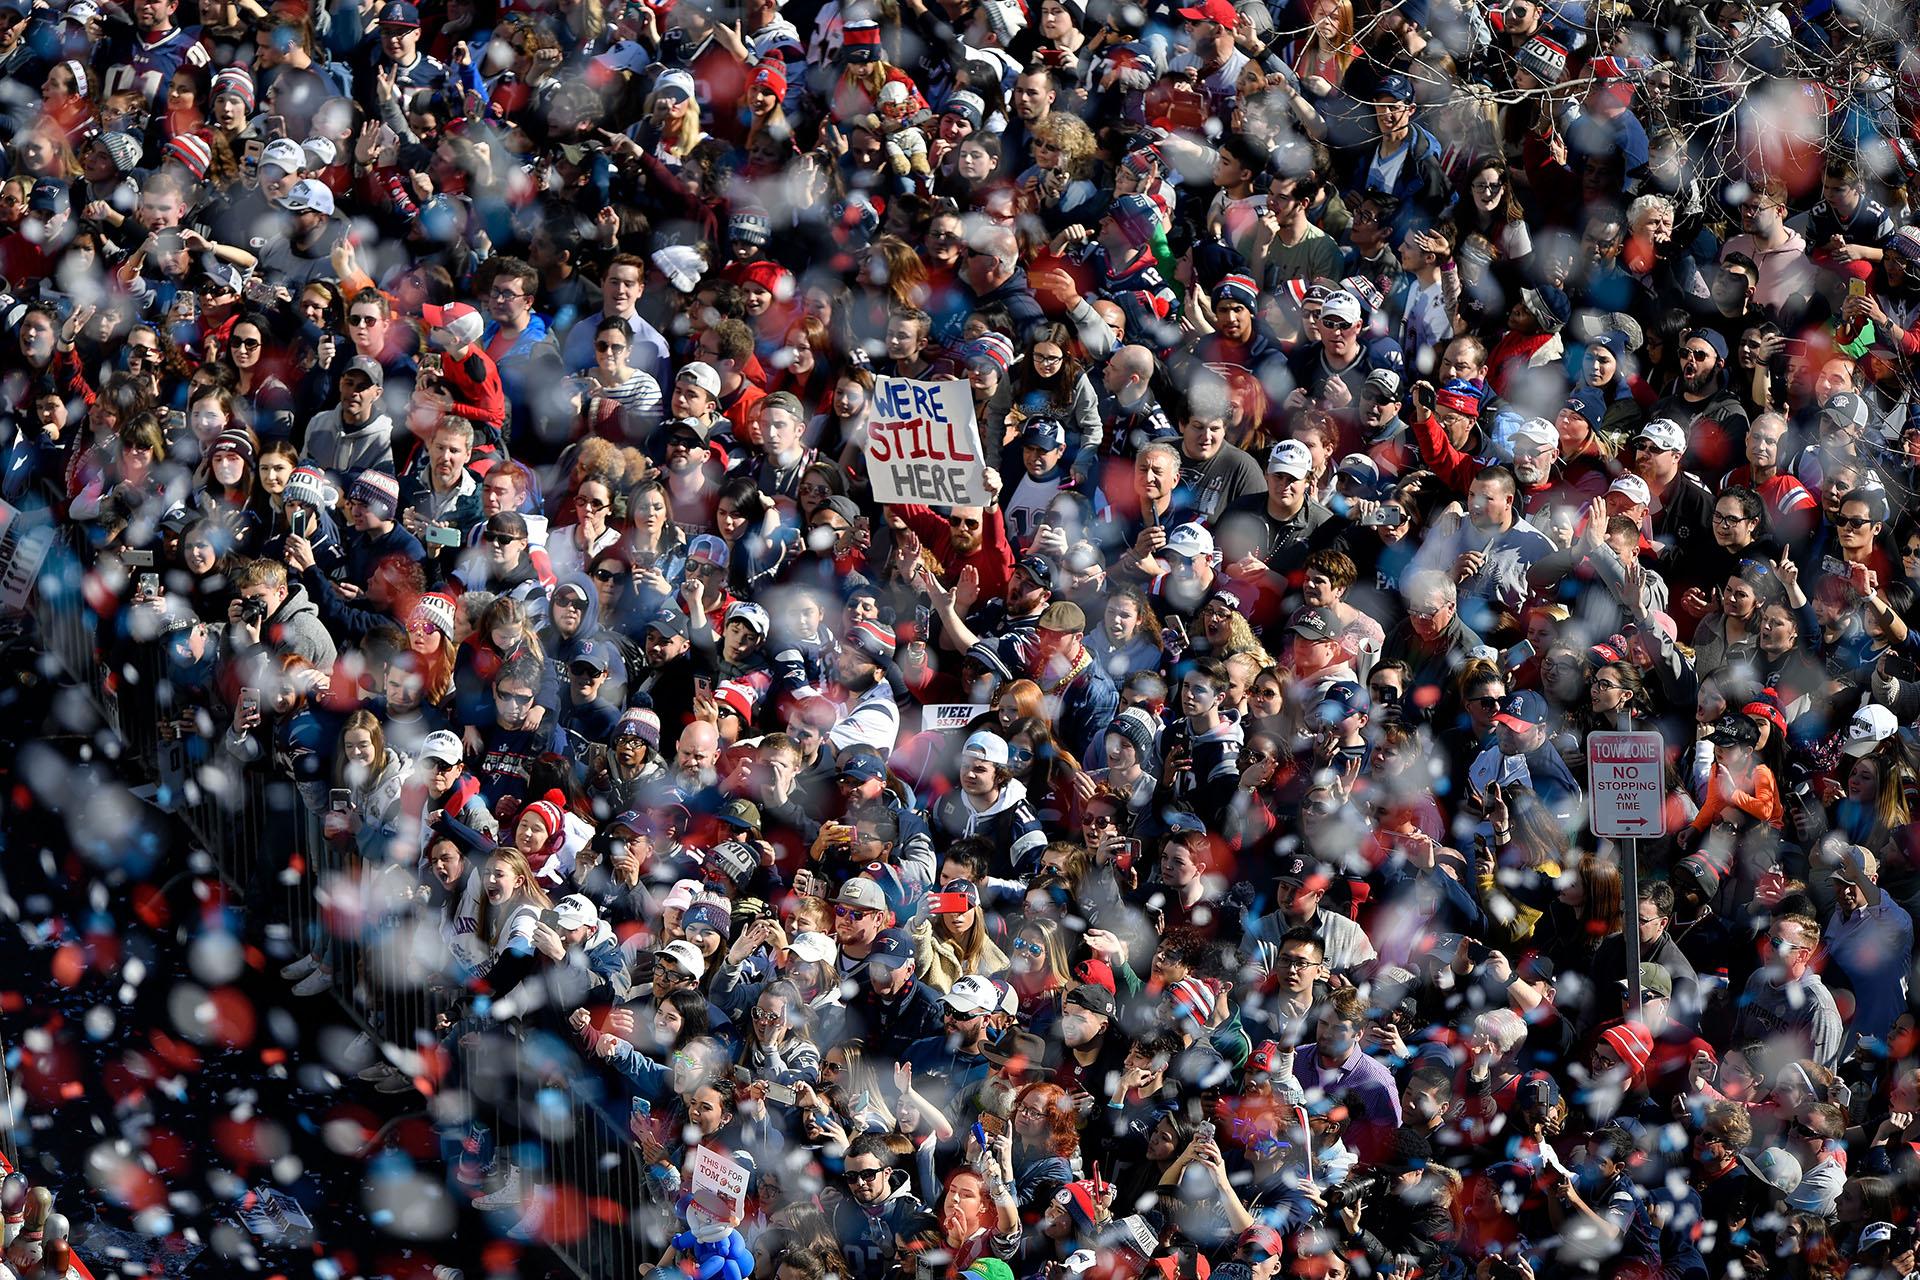 El Super Bowl LIII alcanzó el menor rating en una década